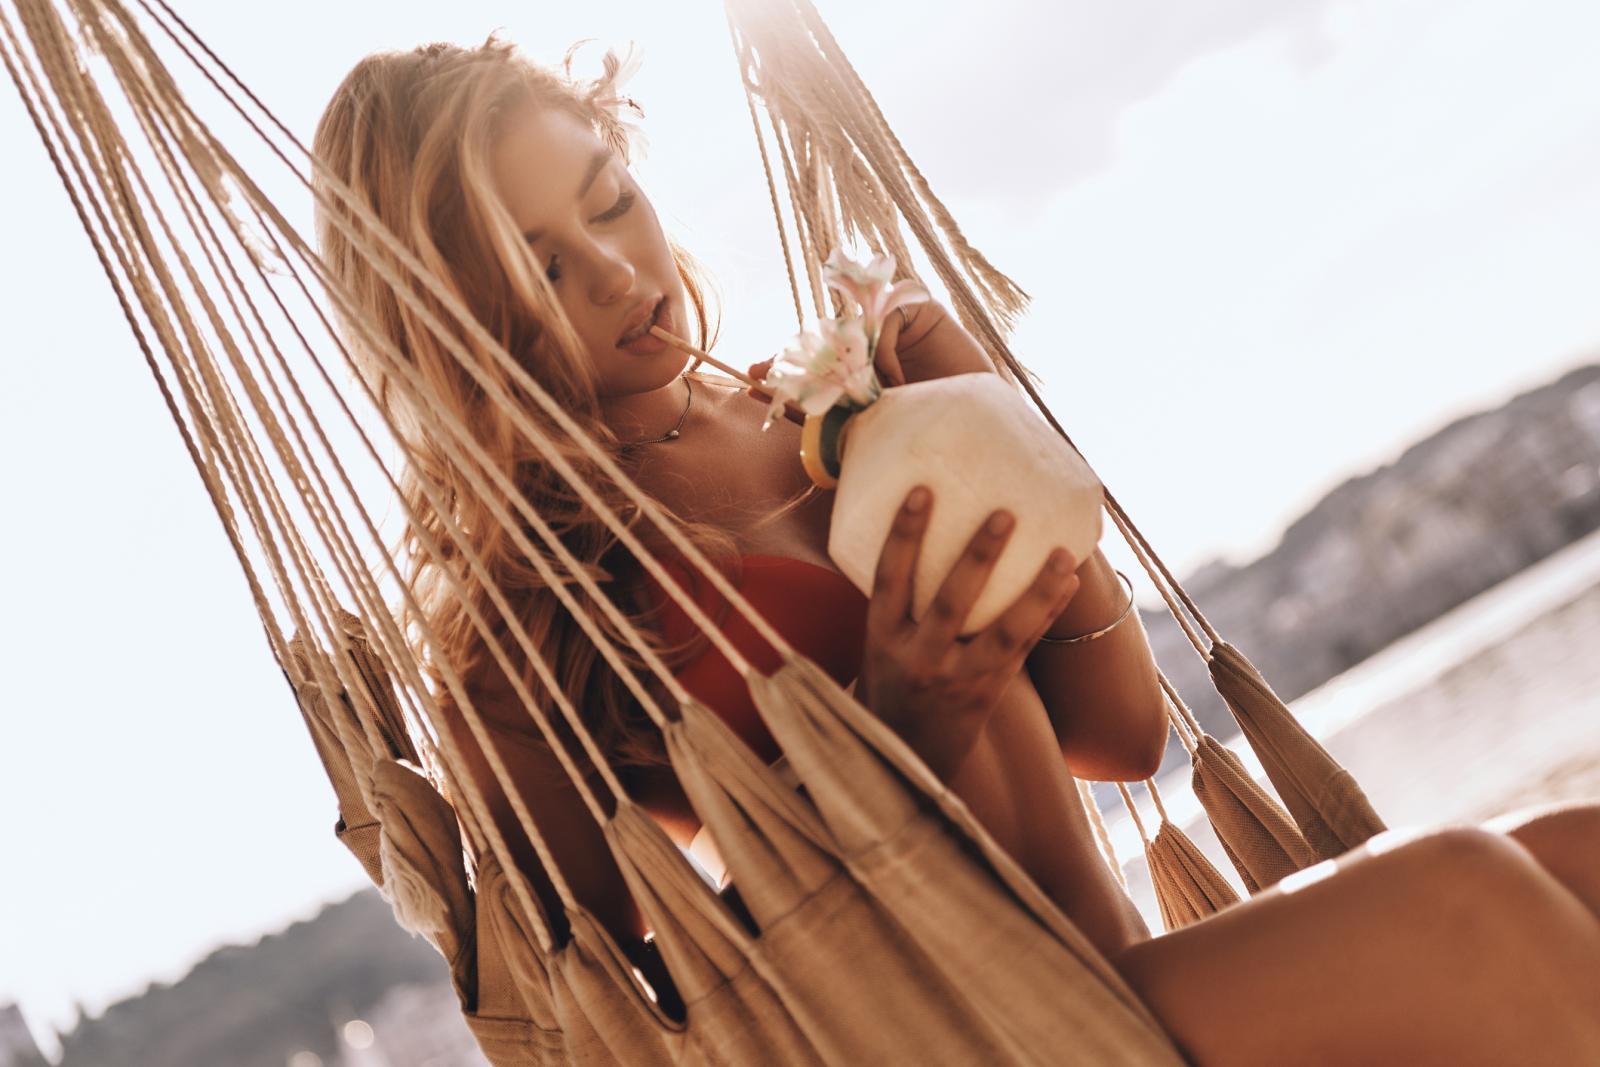 Kokosova voda ima pozitivan učinak na metabolizam, vraća energiju, podiže imunitet, štiti od mikroorganizama i mnogih drugih bolesti.